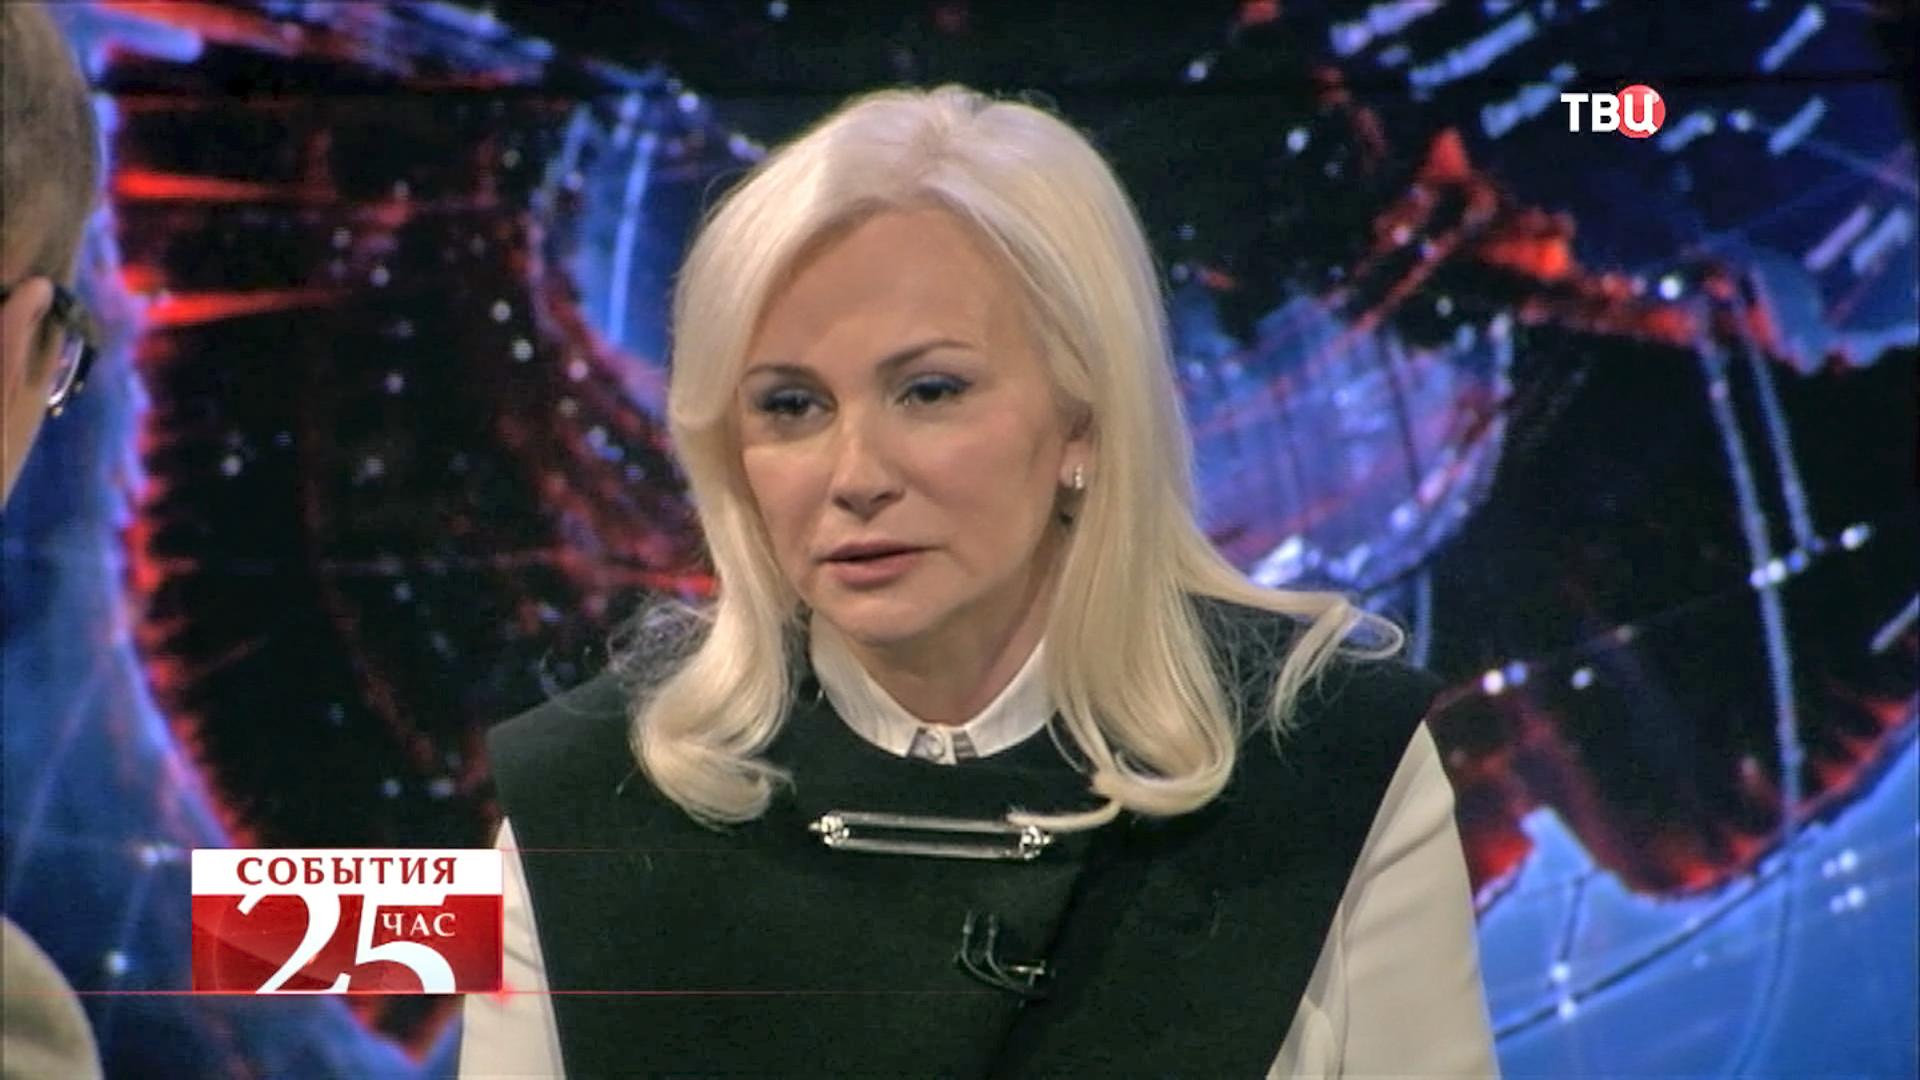 Ольга Ковитиди, член Совета Федерации от исполнительной власти республики Крым